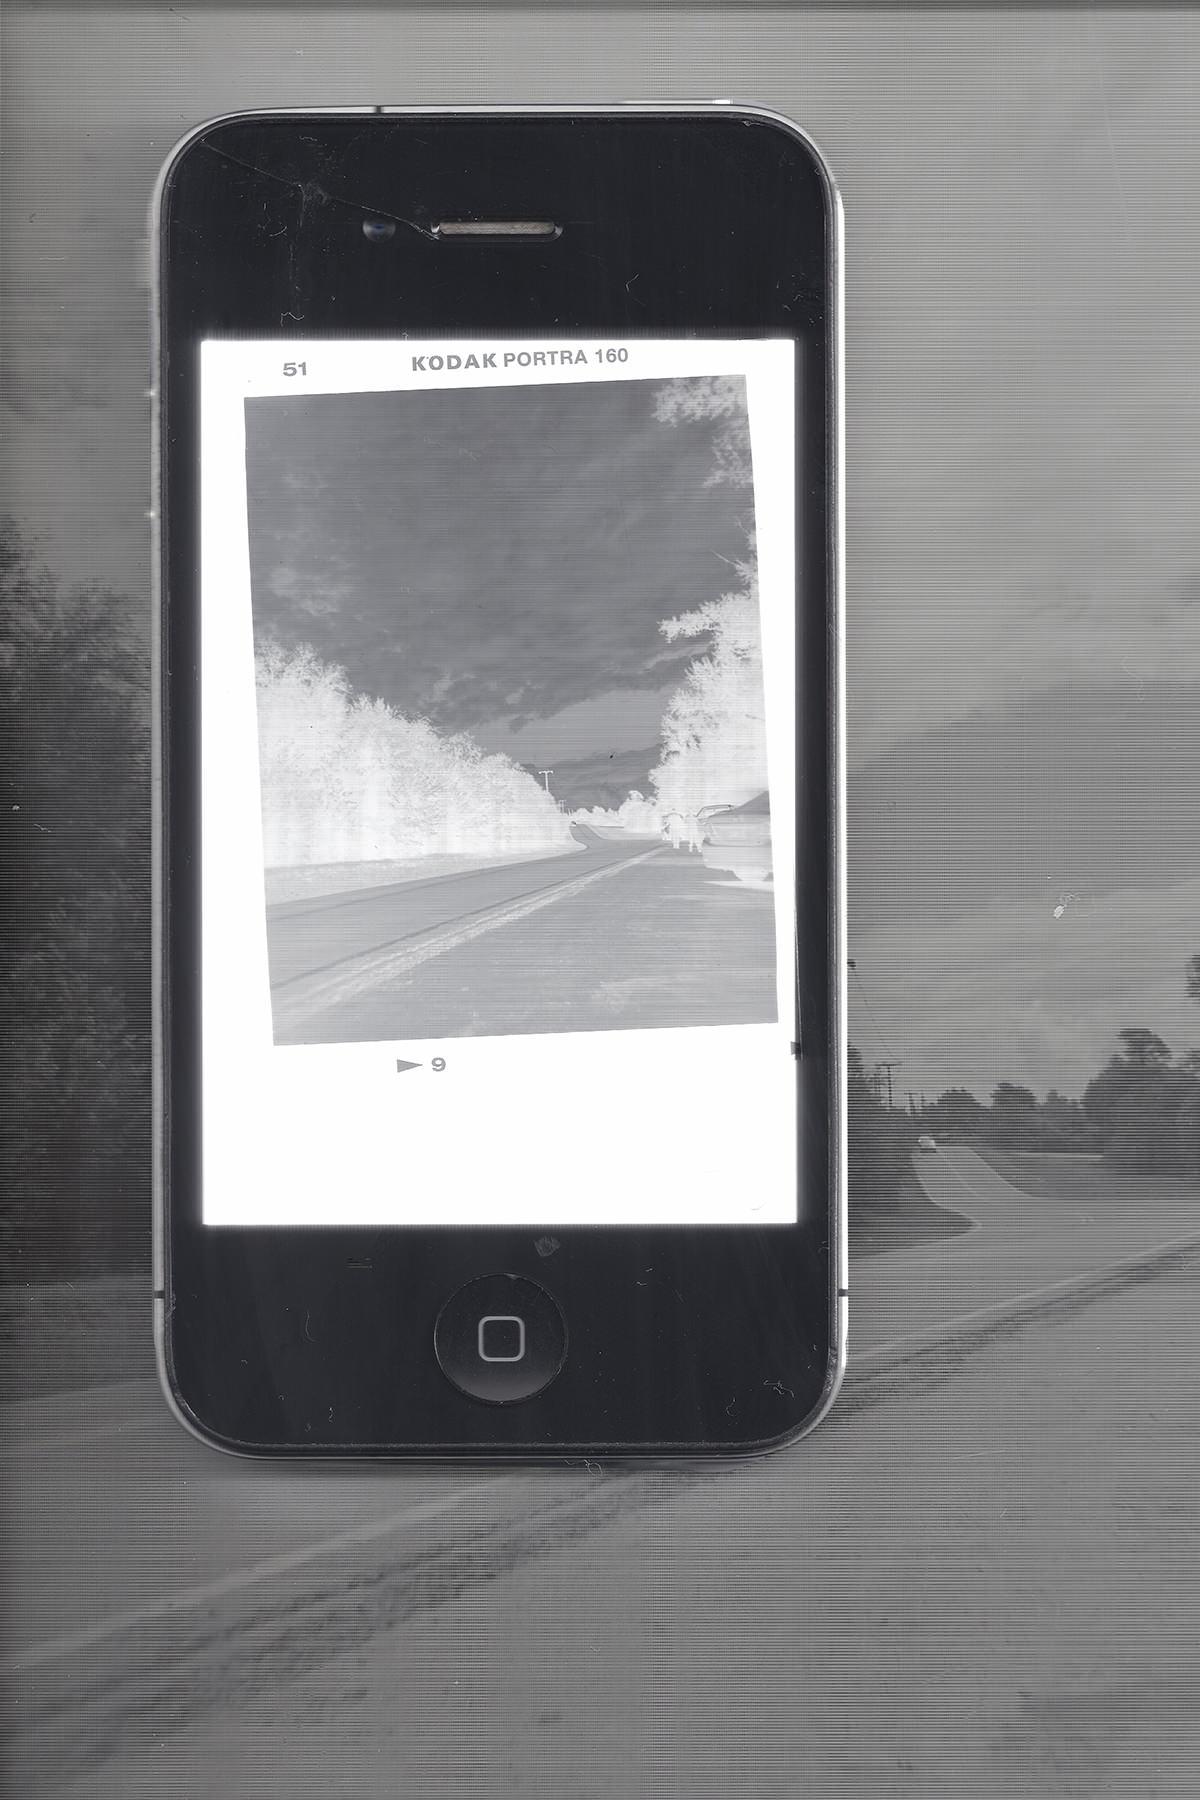 09-Road.JPG